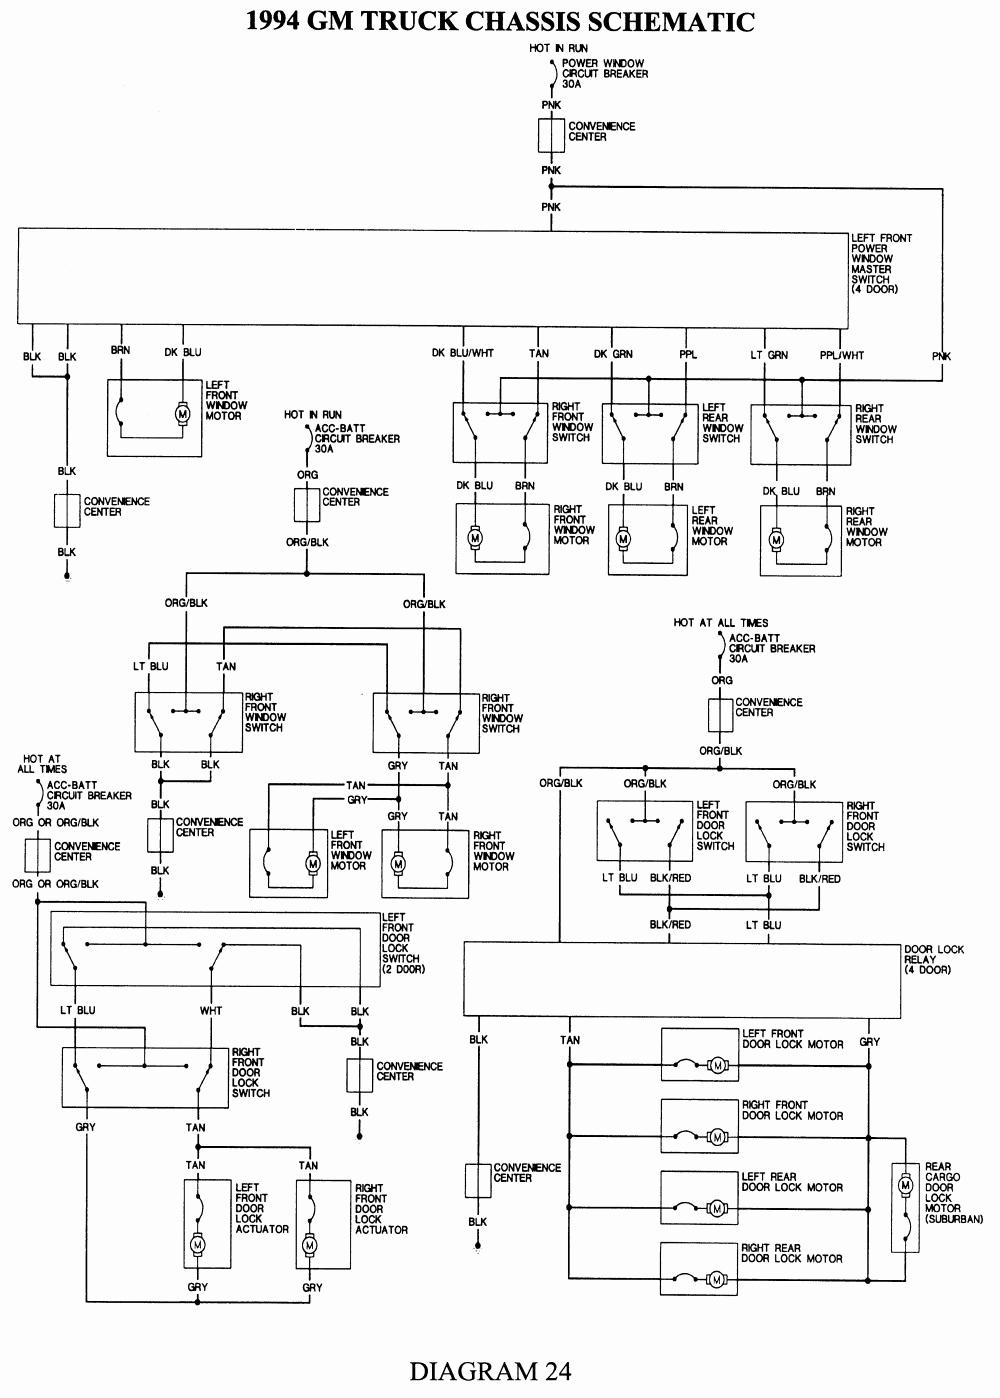 2003 Chevy Silverado Trailer Wiring Harness Diagram